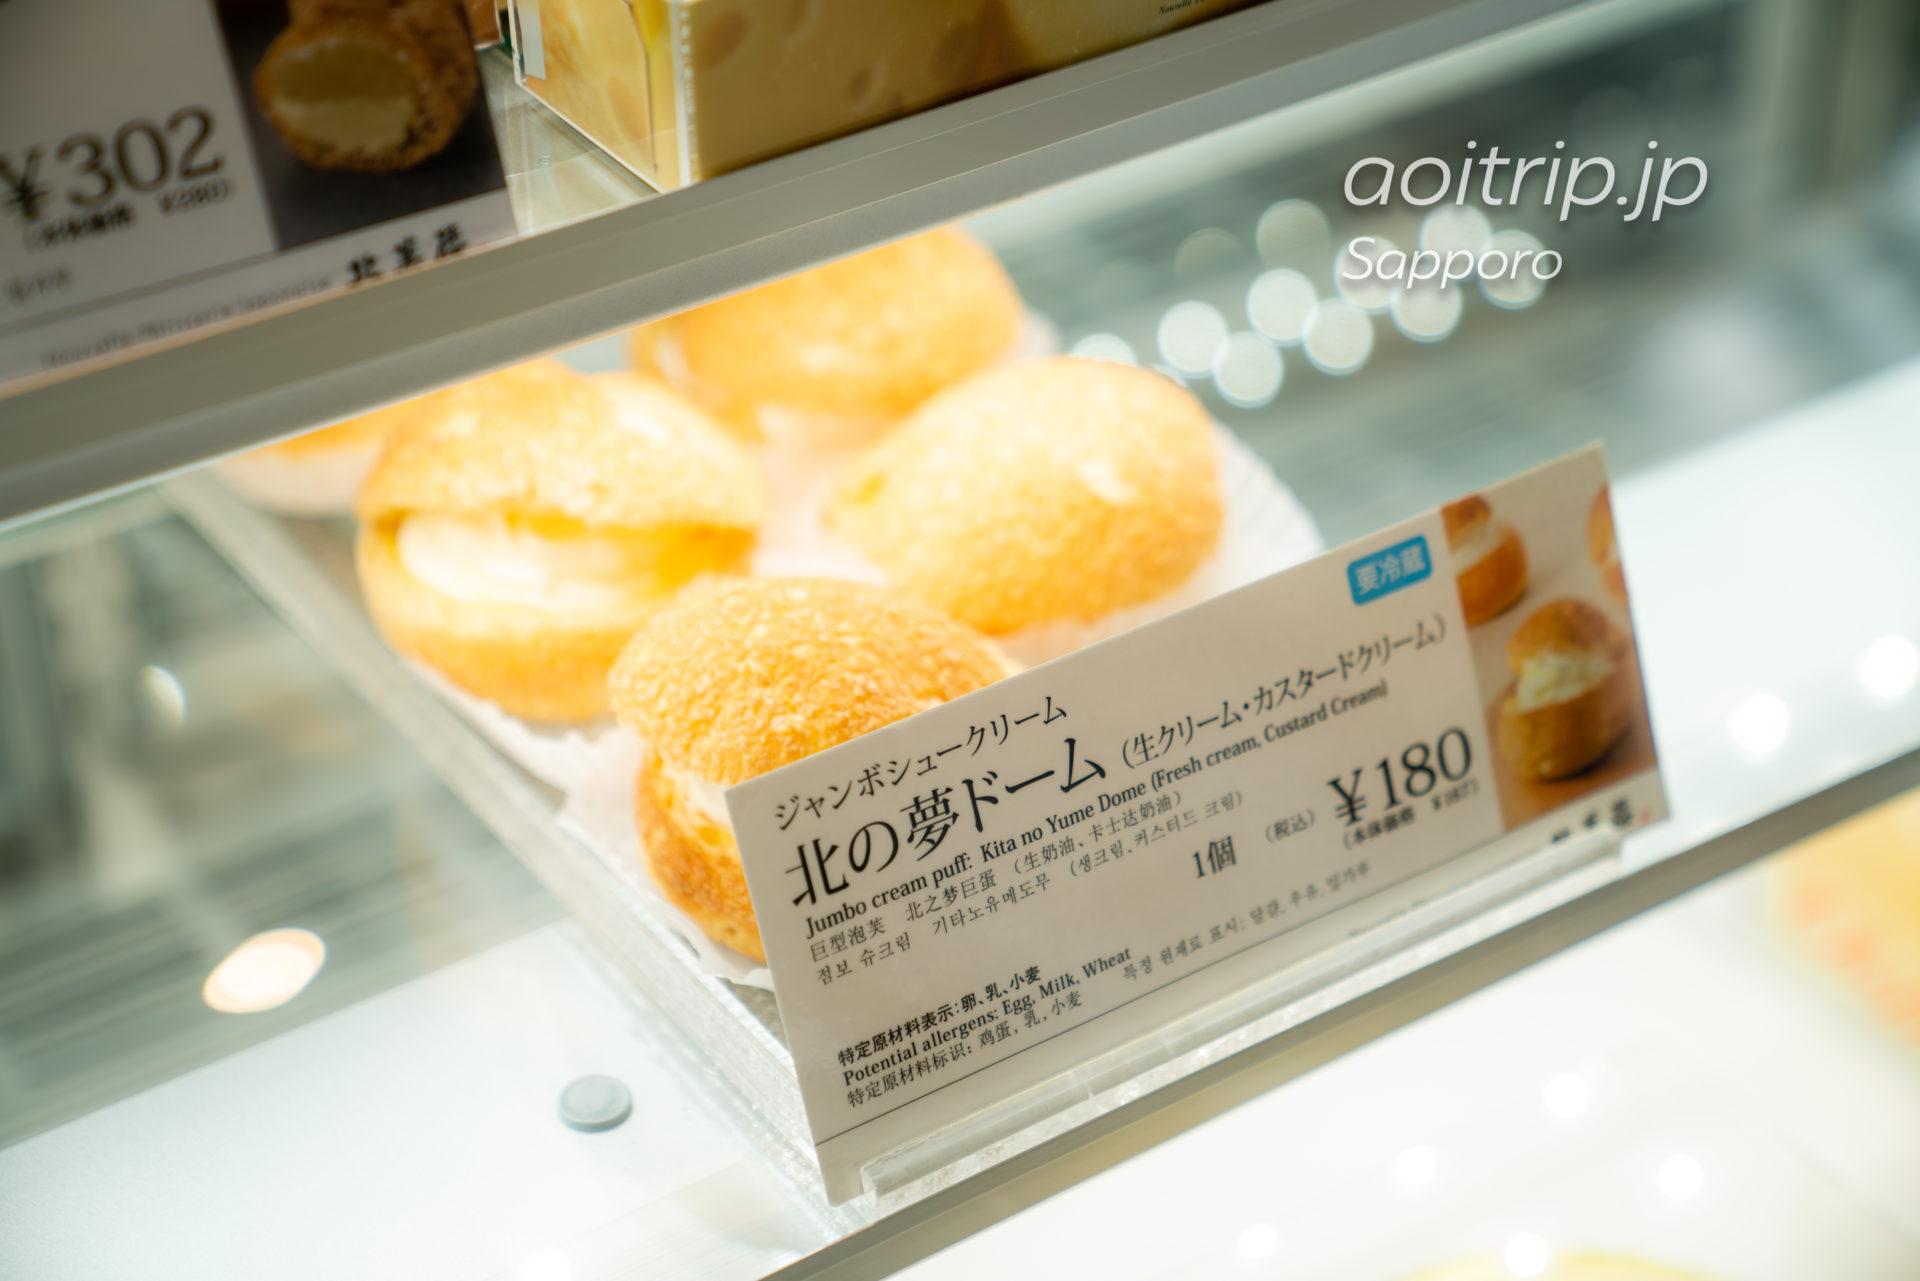 北菓楼 札幌本館|Kitakaro Sapporo Honkan シュークリームの北の夢ドーム